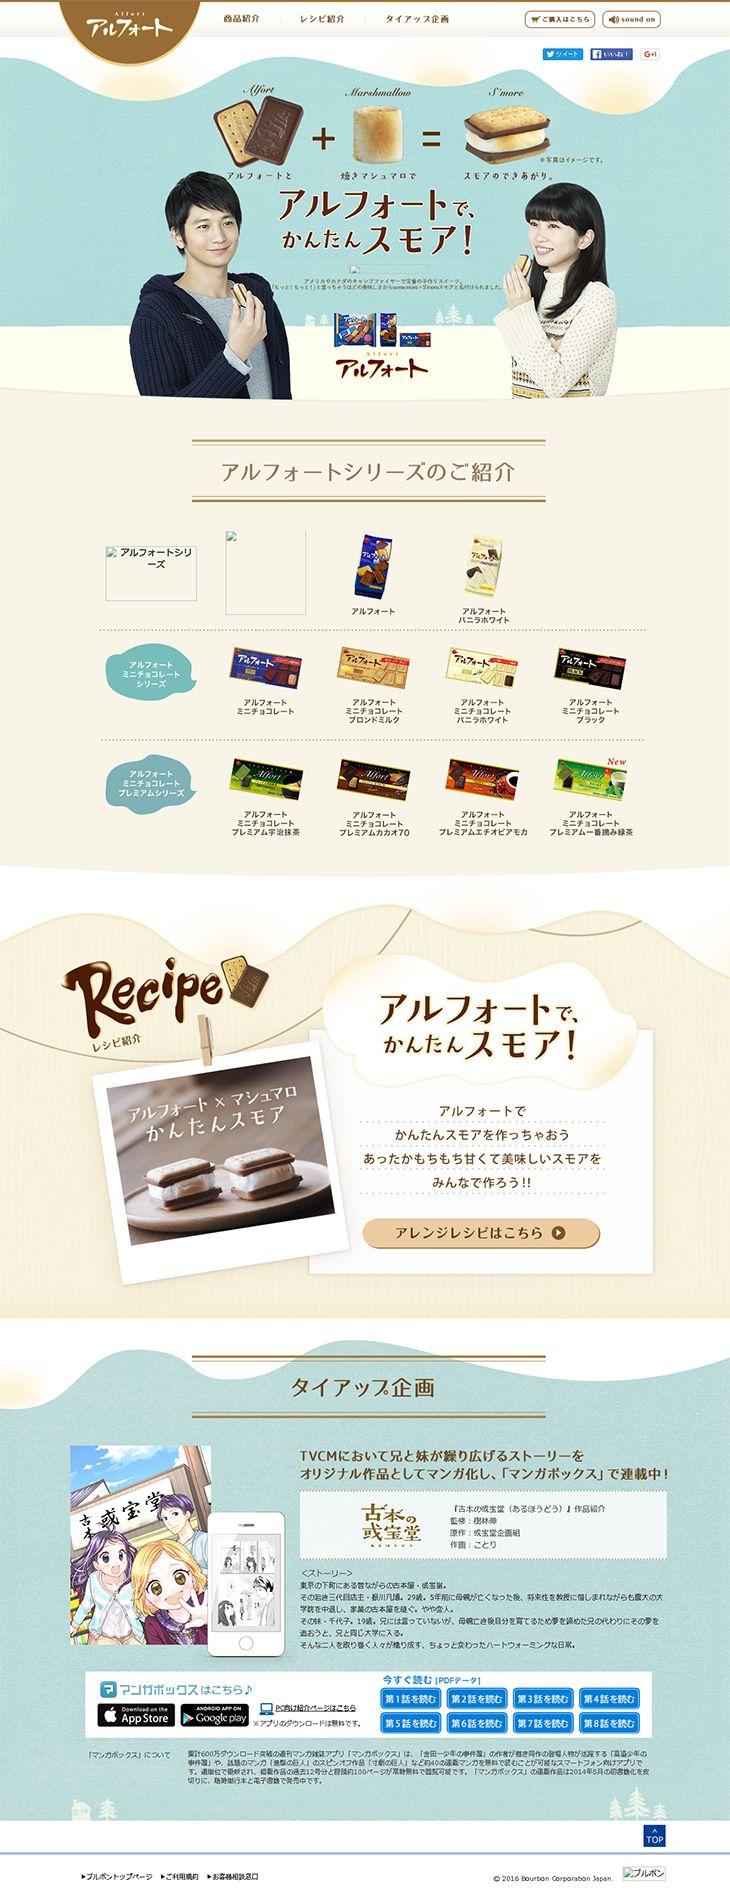 アルフォート【和菓子・洋菓子・スイーツ関連】のLPデザイン。WEBデザイナーさん必見!ランディングページのデザイン参考に(ナチュラル系)